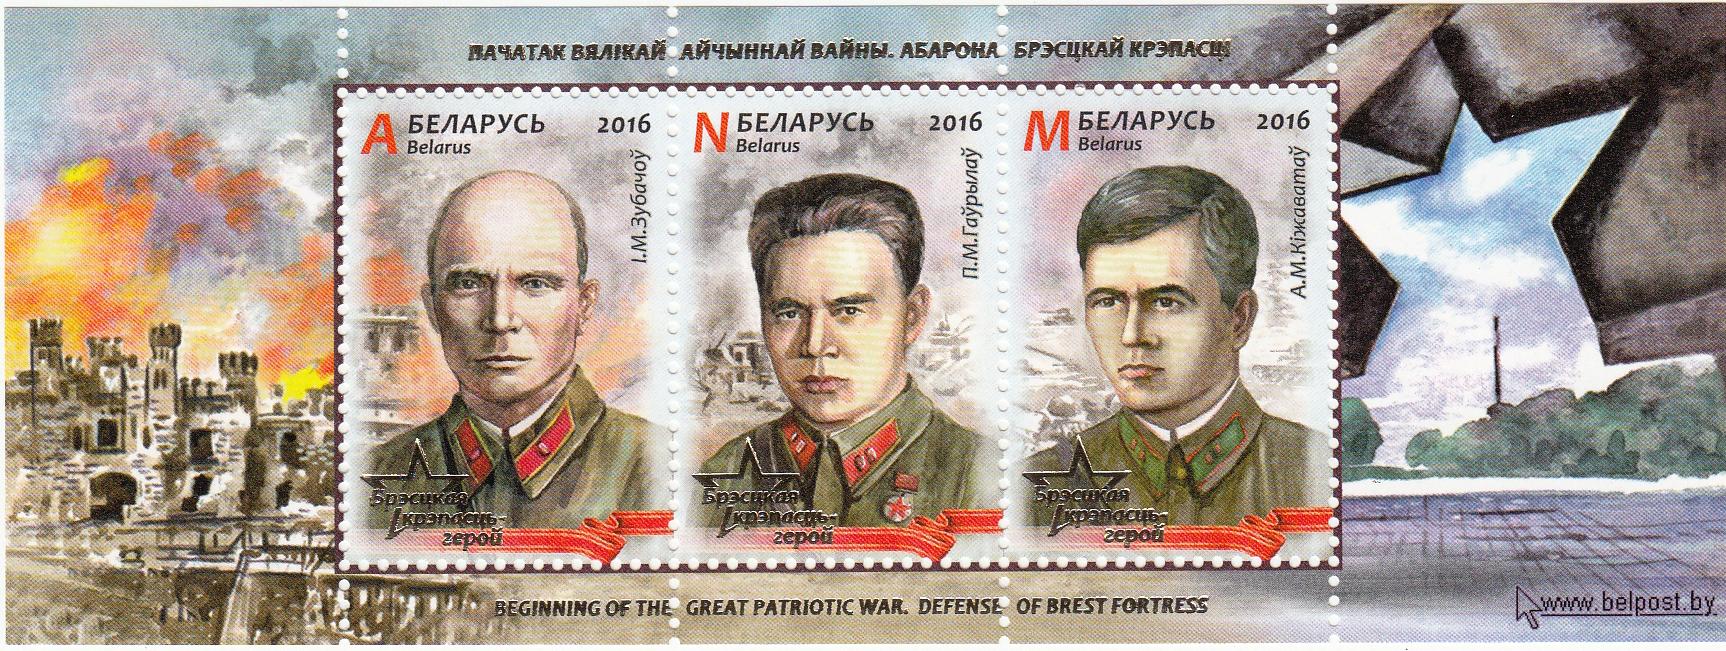 Почтовый блок Начало Великой Отечественной войны. Оборона Брестской крепости.